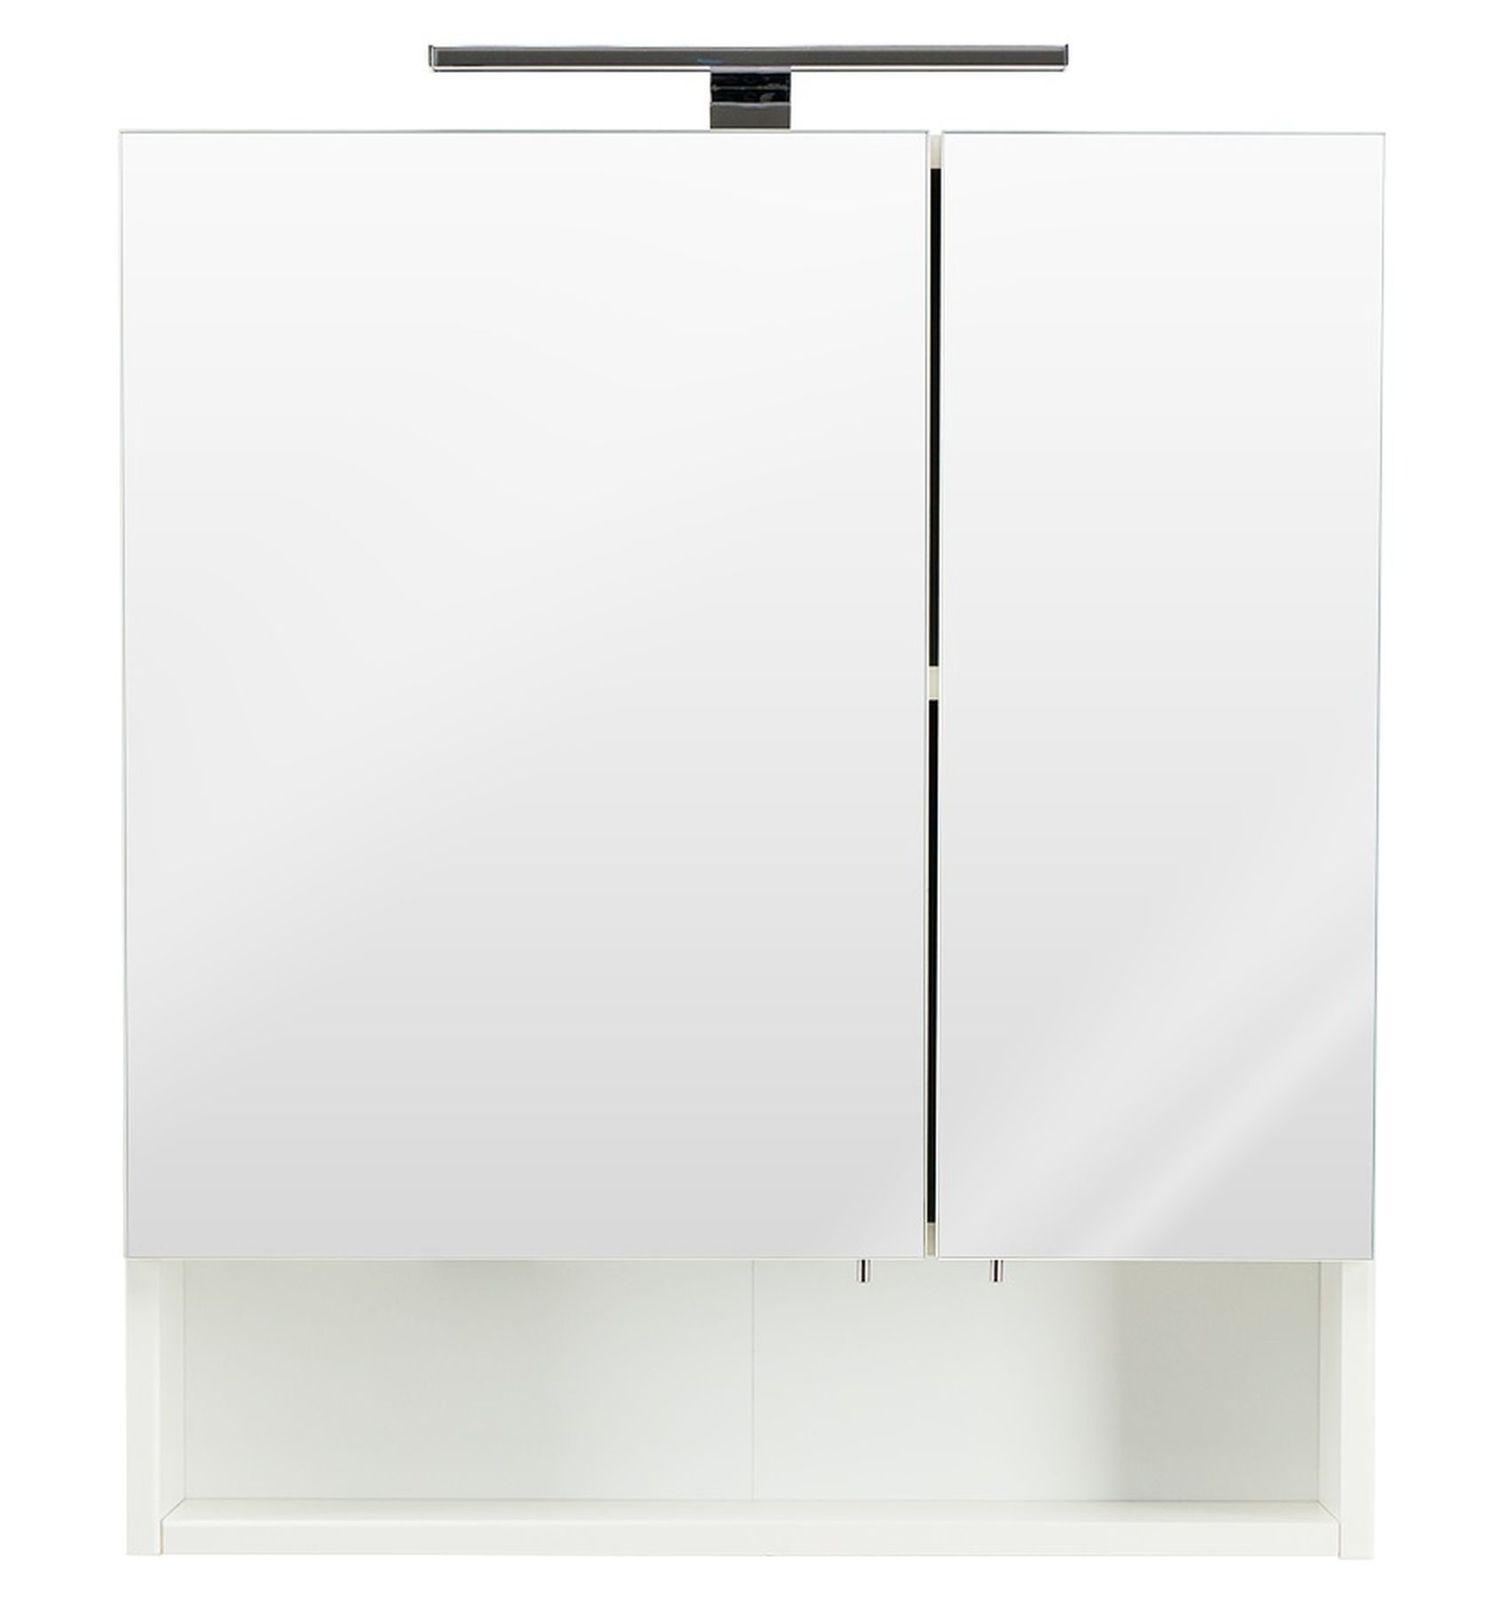 LED Badezimmer Spiegelschrank 60x68 cm Bad Spiegel Schalter ...